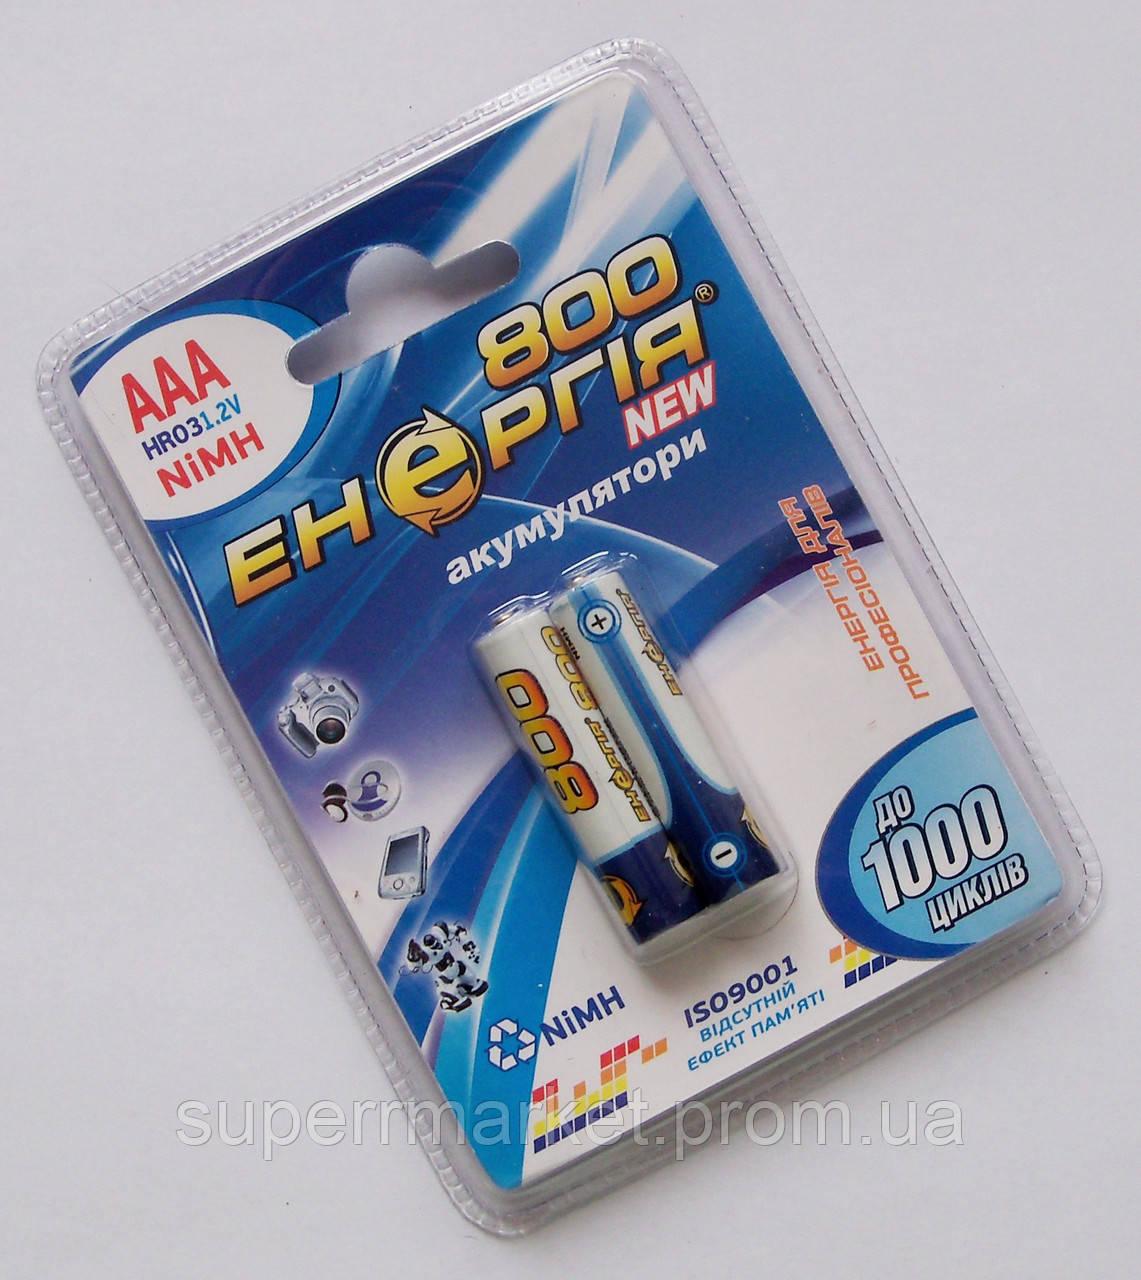 Аккумулятор AAA Энергия NiMH 800mAh